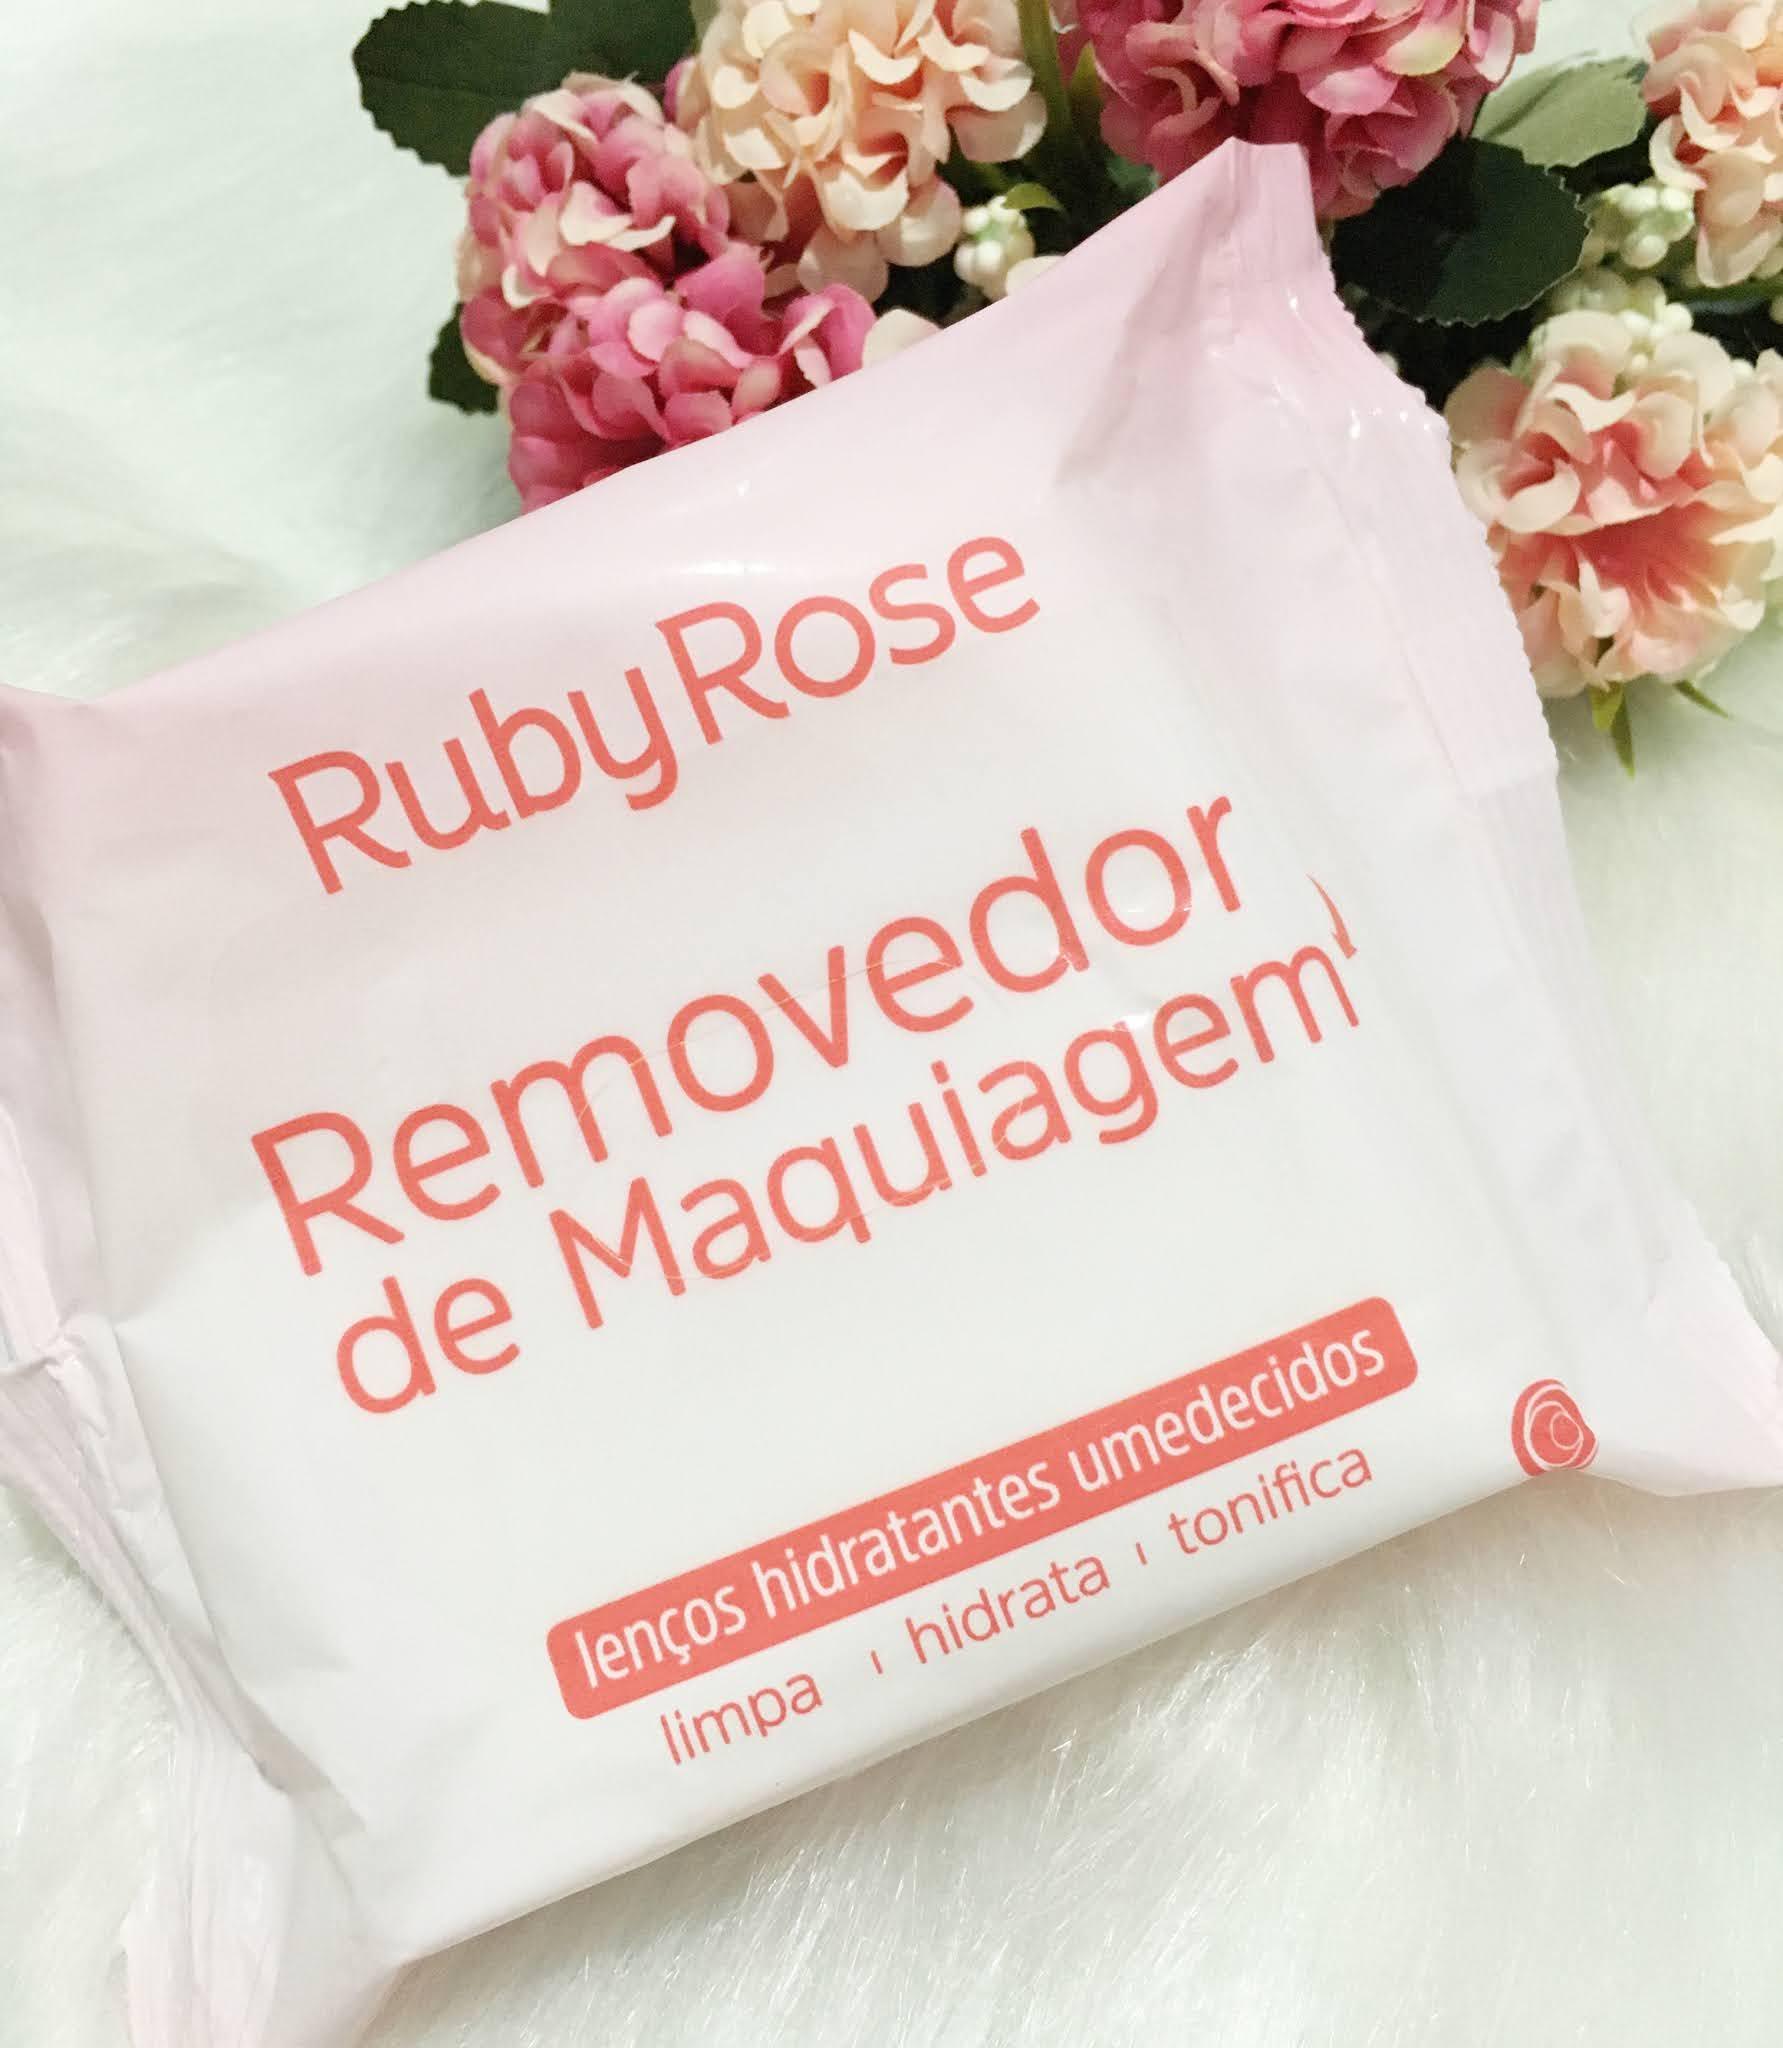 RESENHA: LENÇO REMOVEDOR DE MAQUIAGEM DA RUBY ROSE.